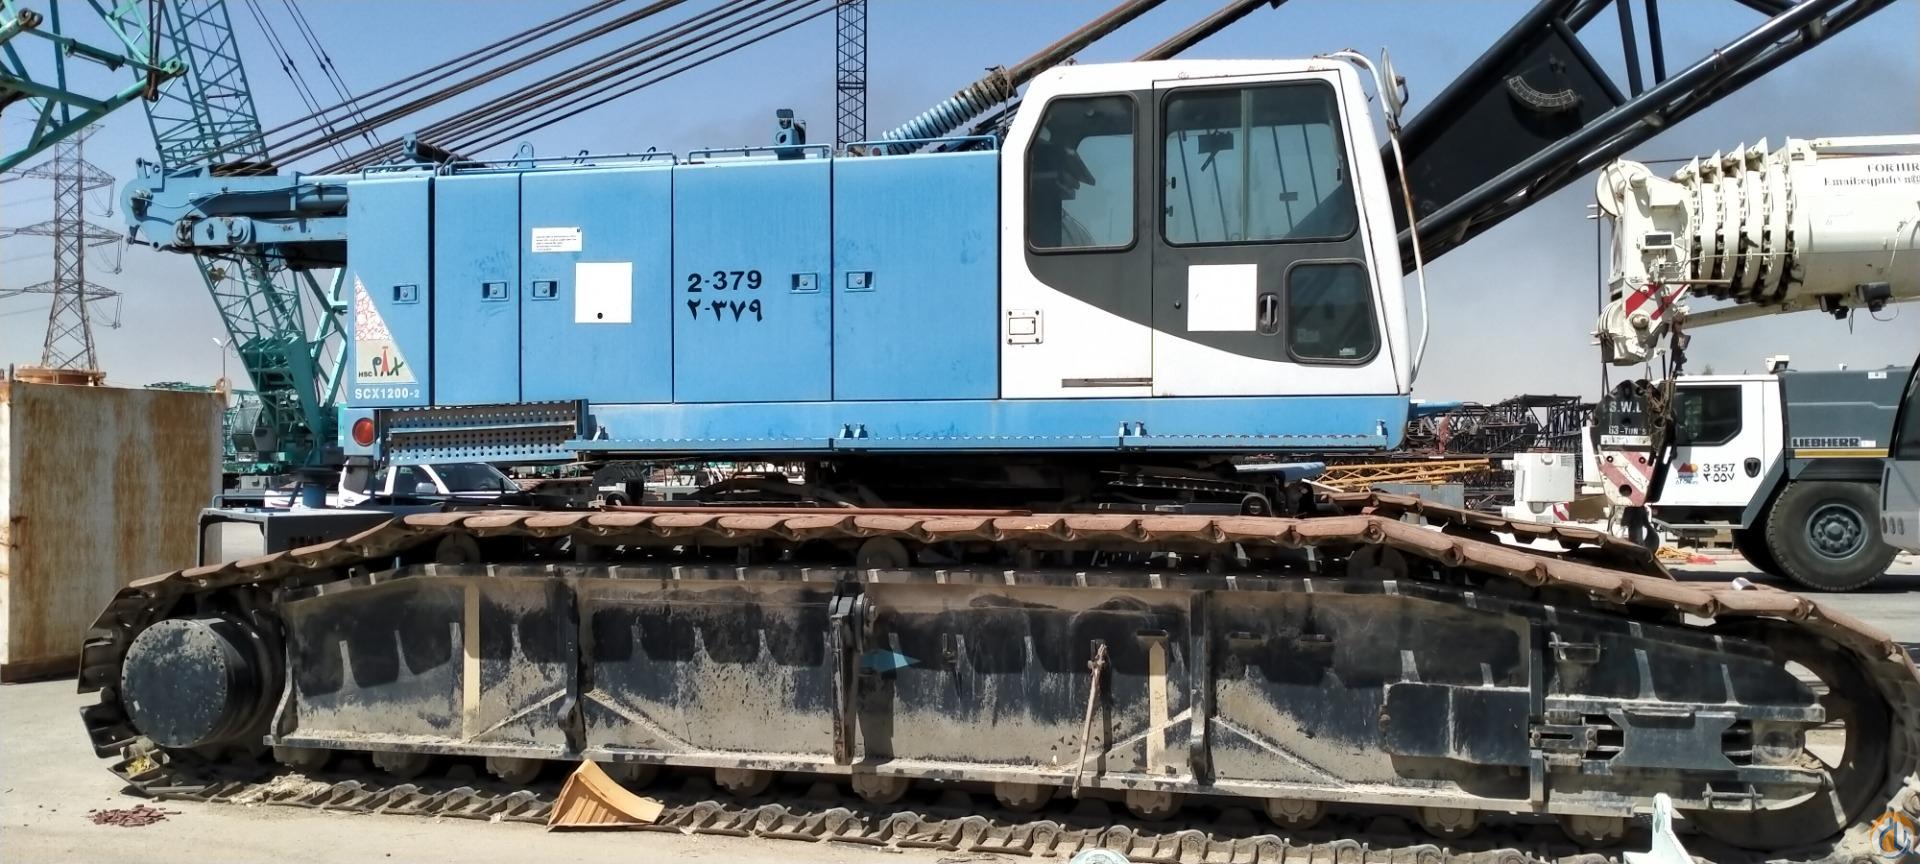 Hitachi SCX1200-2